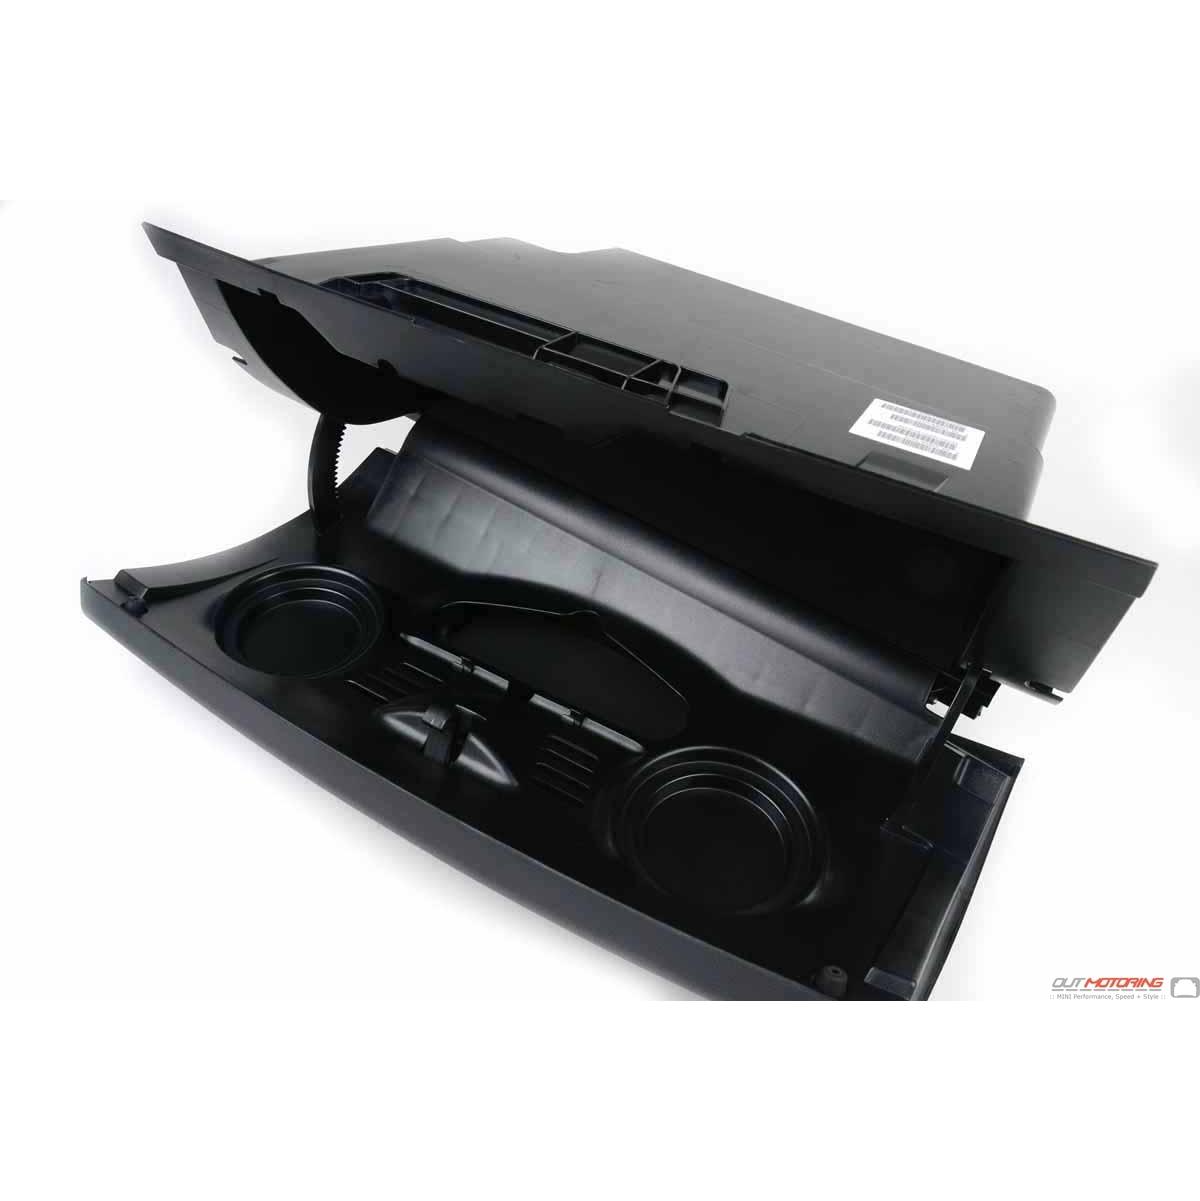 2006 Aston Martin Vantage Interior: MINI Cooper Glove Box Organizer